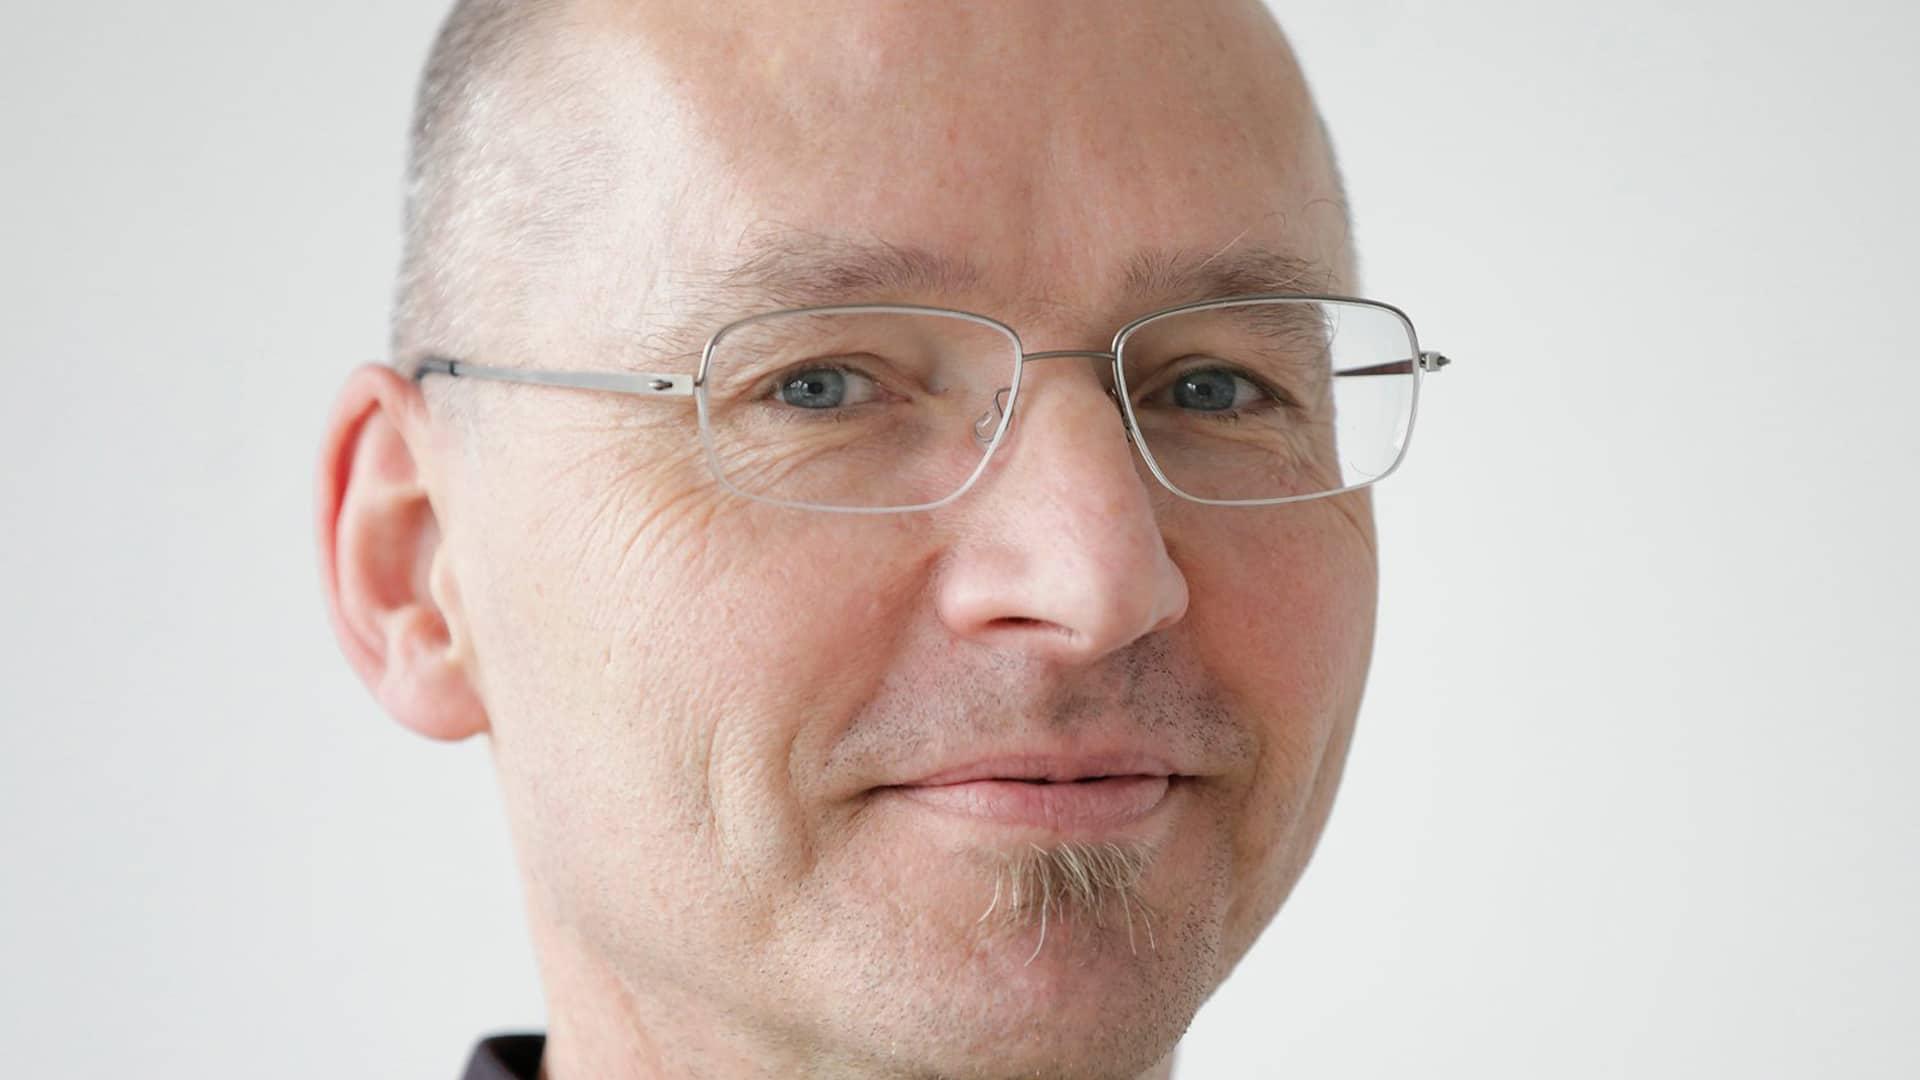 """Ralf Lankau ist 1961 in Lübeck geboren. Seit 1985 unterrichtet er analoge und digitale Gestaltungstechniken. Seit 2002 ist er Professor für Mediengestaltung und Medientheorie an der Hochschule Offenburg. Weitere Informationen unter """"Bündnis für humane Bildung""""."""